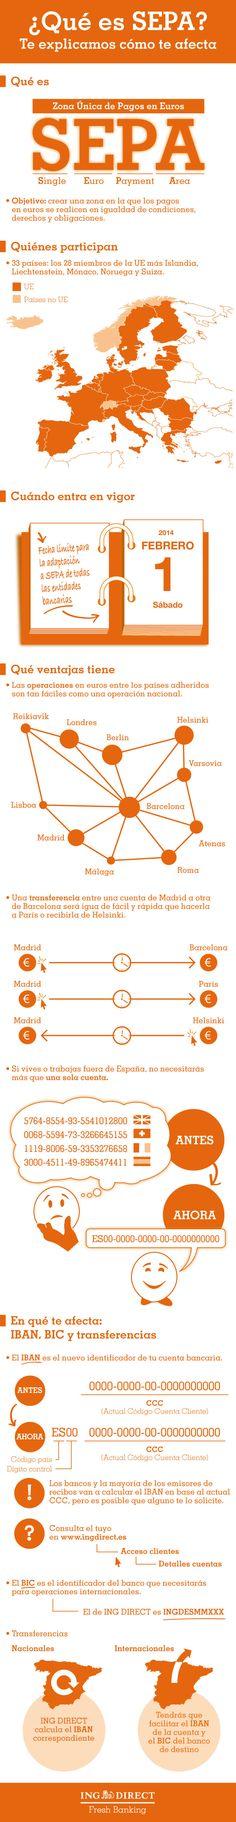 Novedades bancarias que mejoran los pagos en la zona euro #sepa